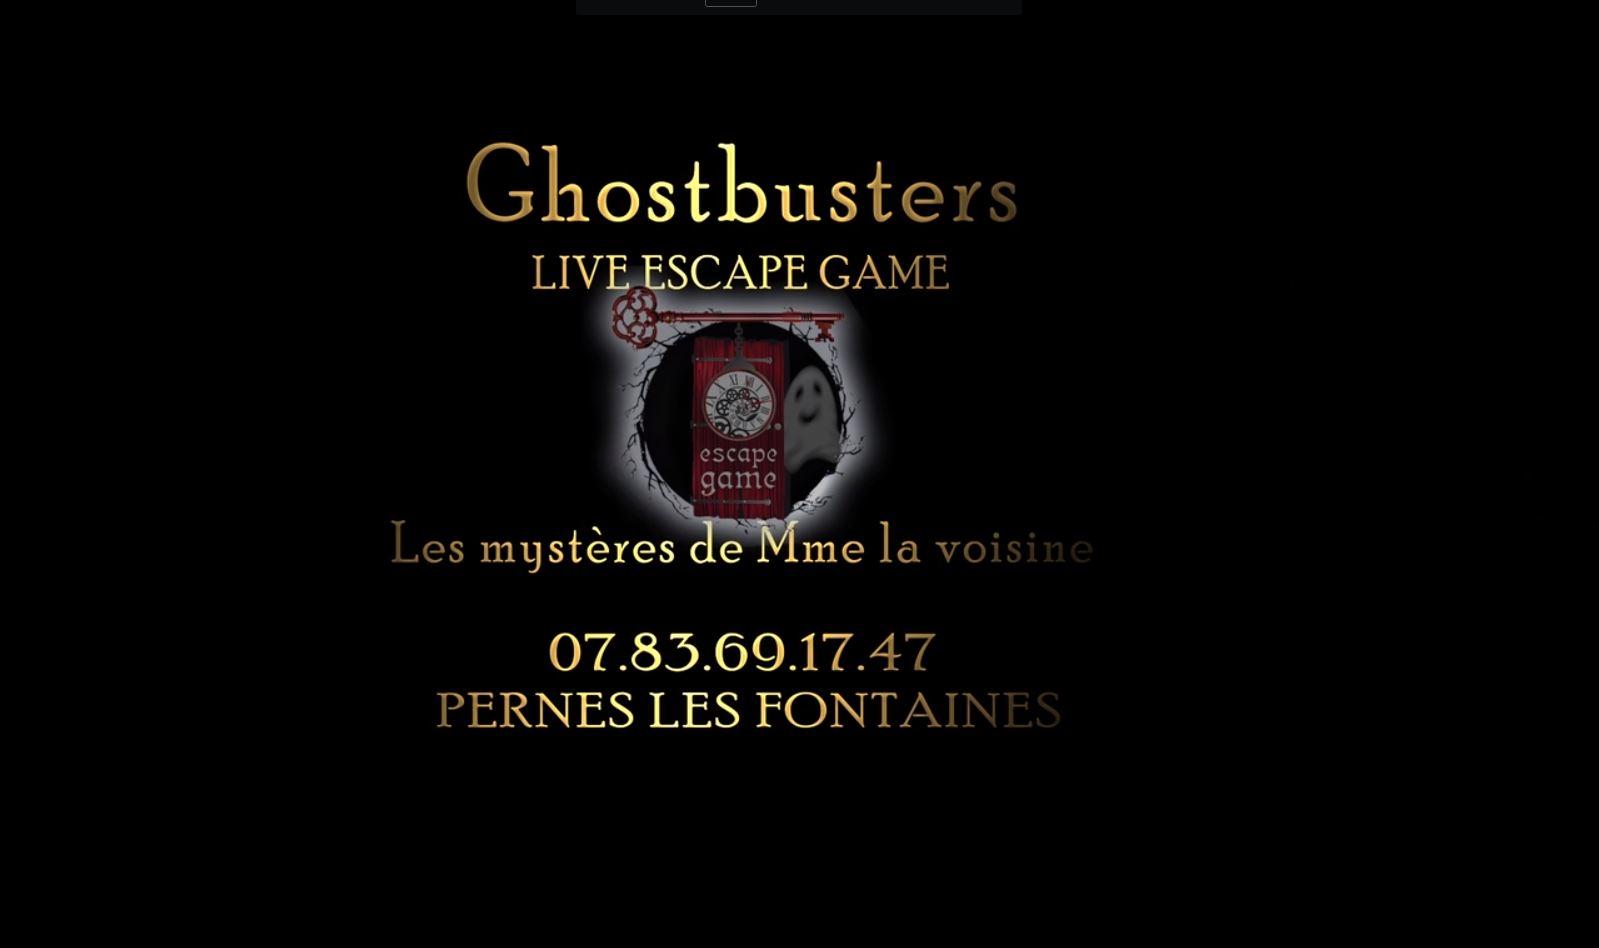 Court métrage escape game ghostbusters